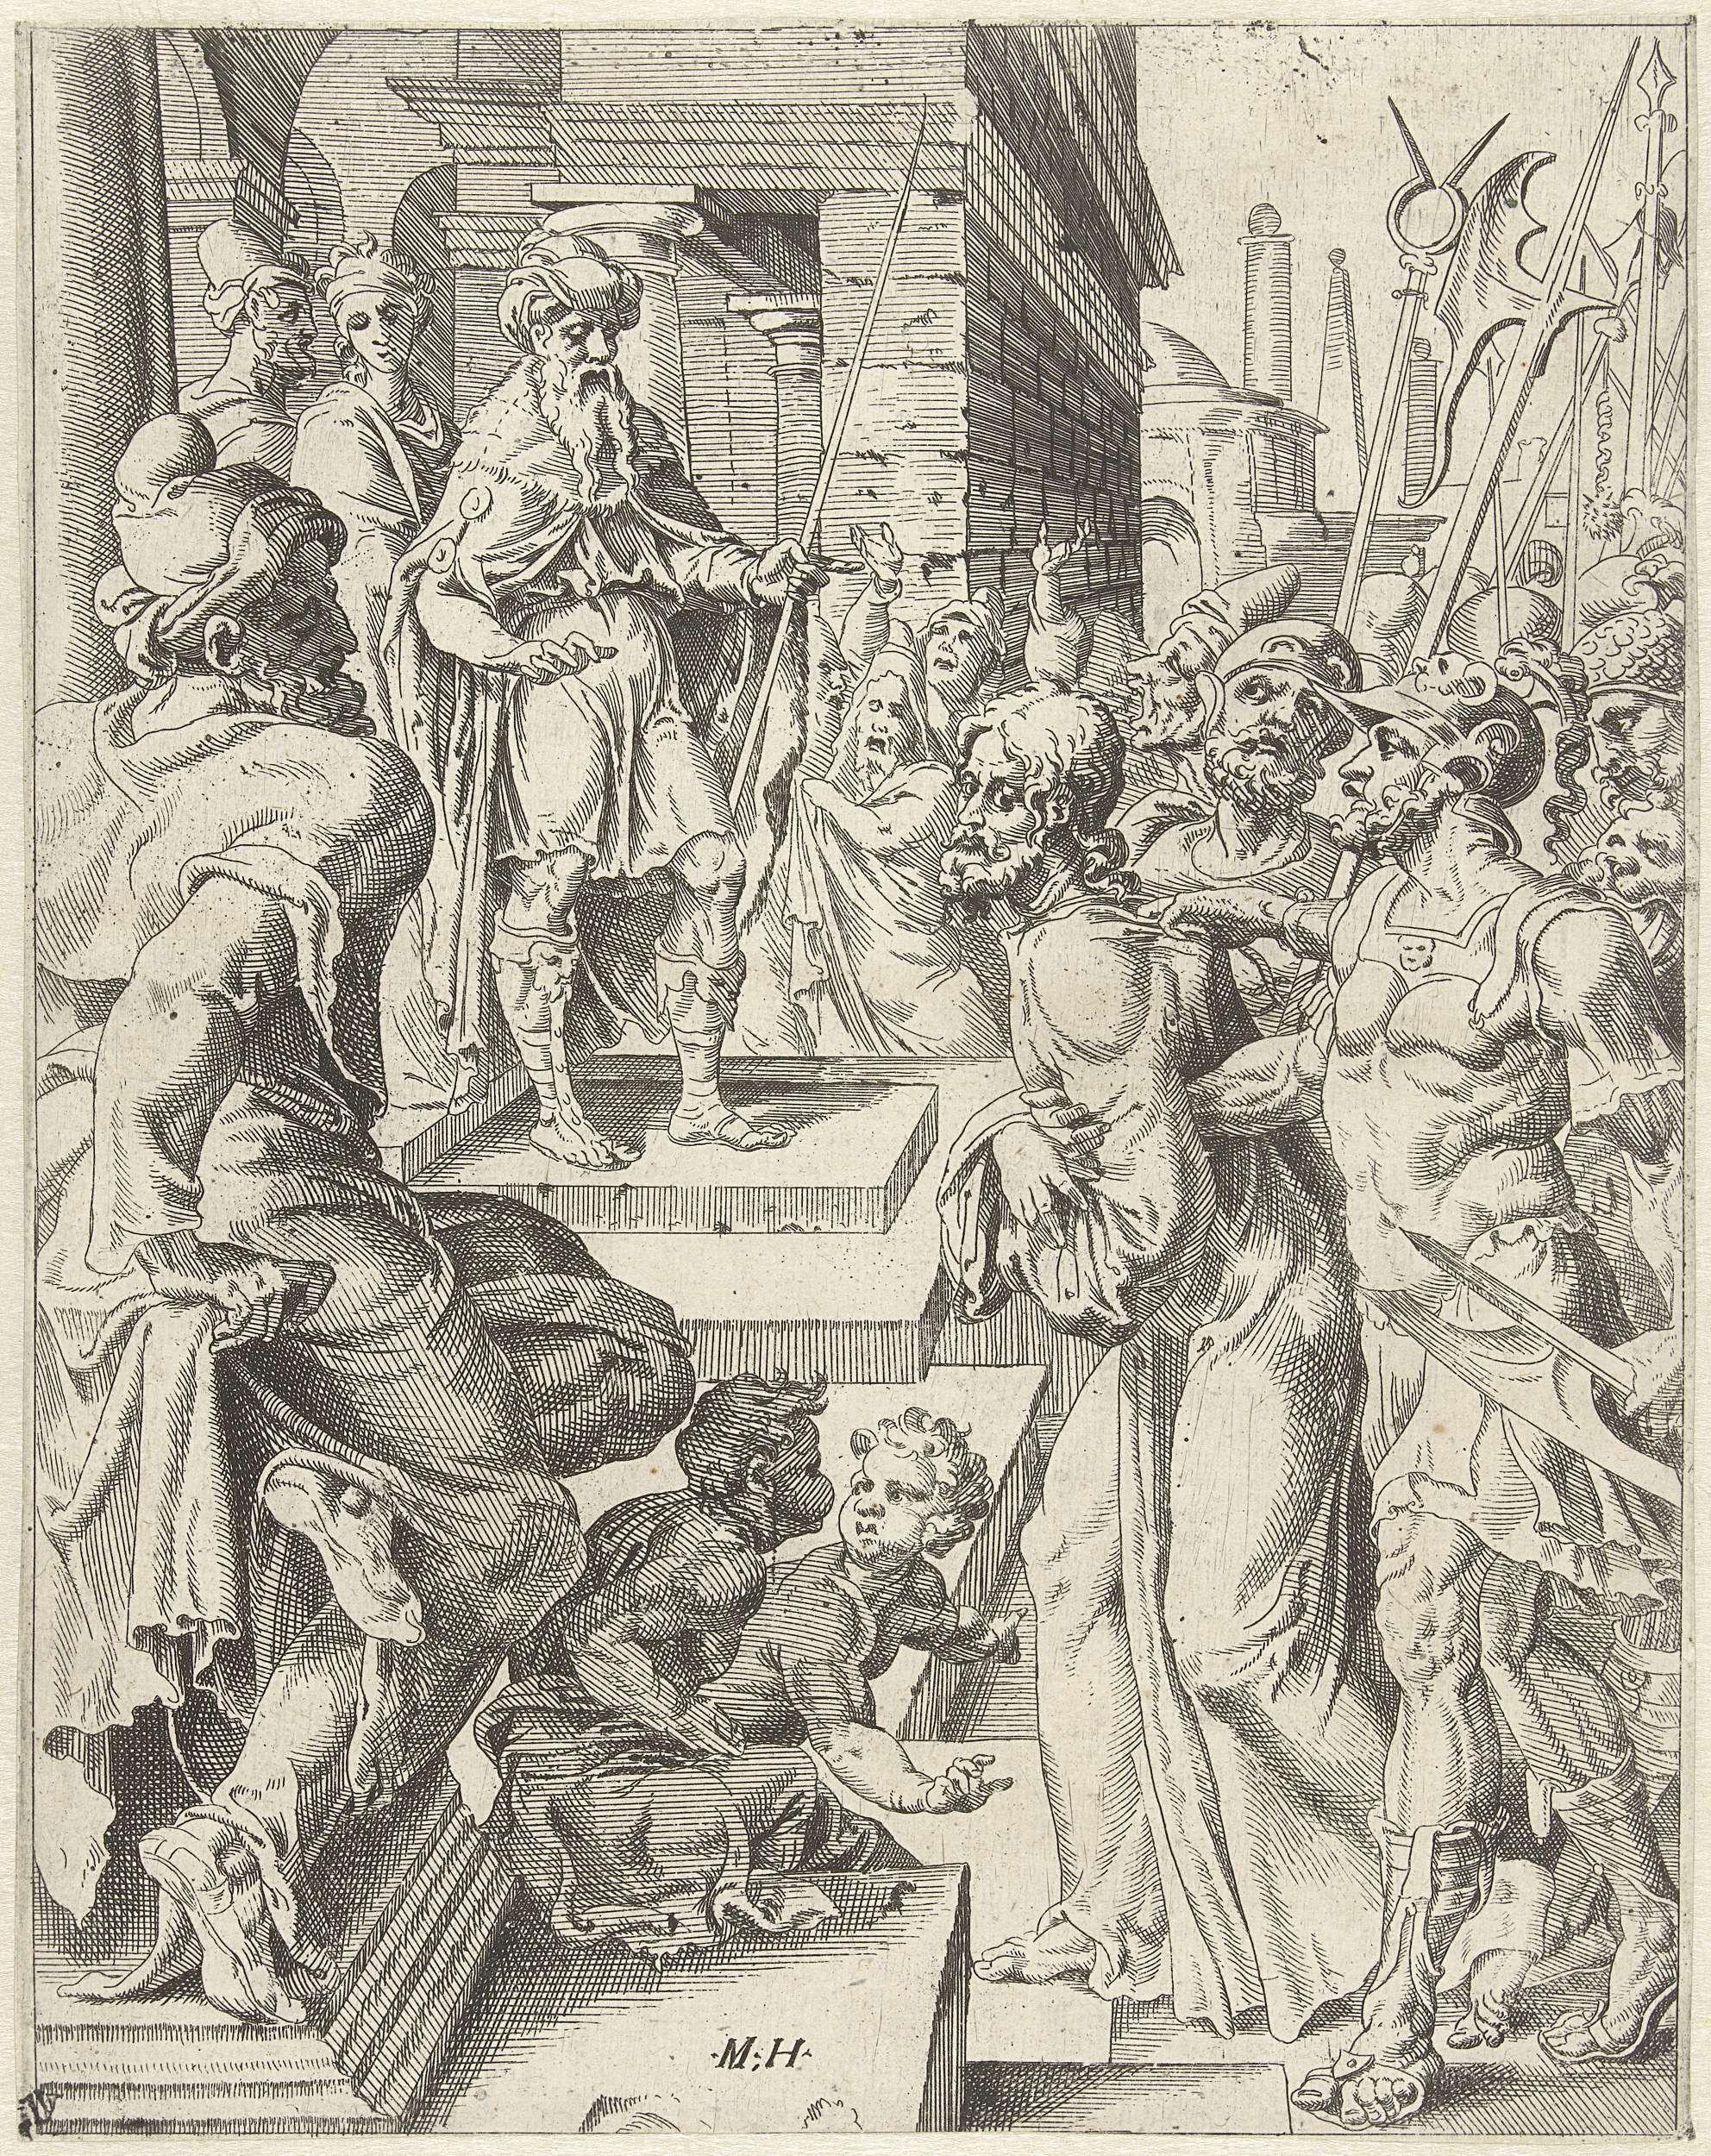 anoniem | Christus voor Pilatus, attributed to Dirck Volckertsz Coornhert, 1548 | Christus wordt voor Pilatus gebracht. De menigte schreeuwt om zijn executie. De prent is deel van een dertigdelige serie met prenten over de zondeval en Christus' passie.